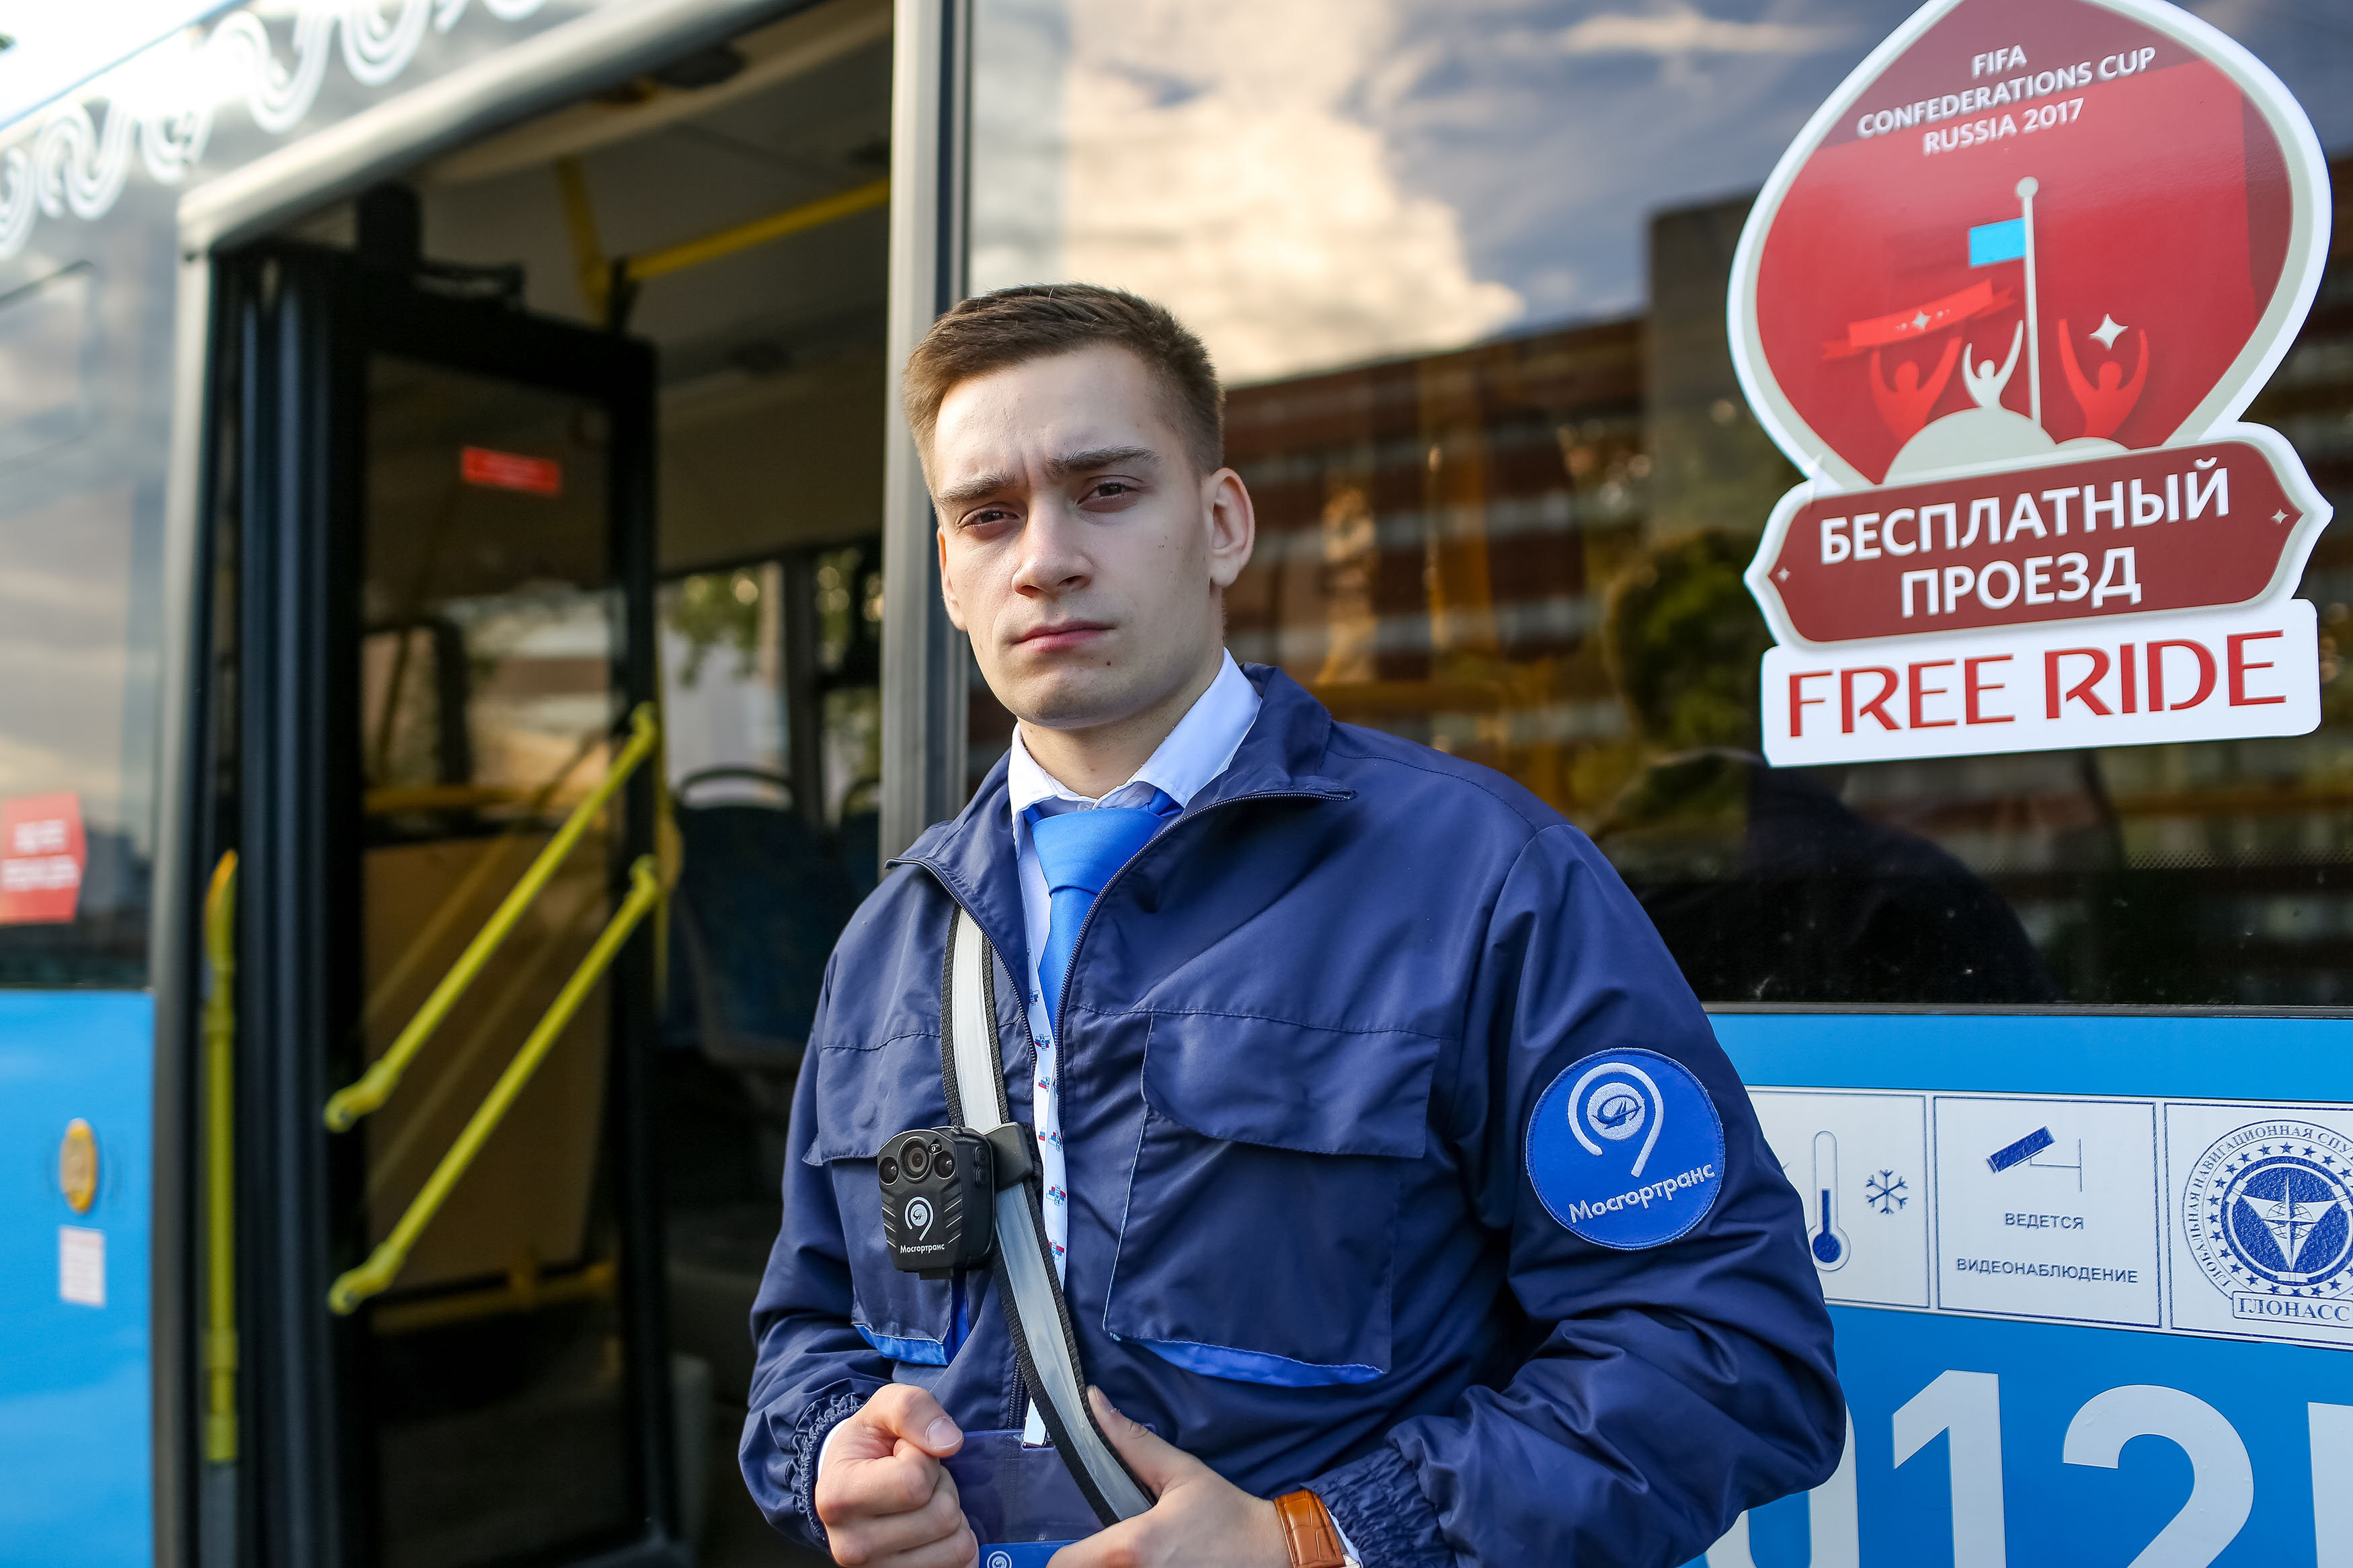 Куда пожаловаться на маршрутное такси в москве